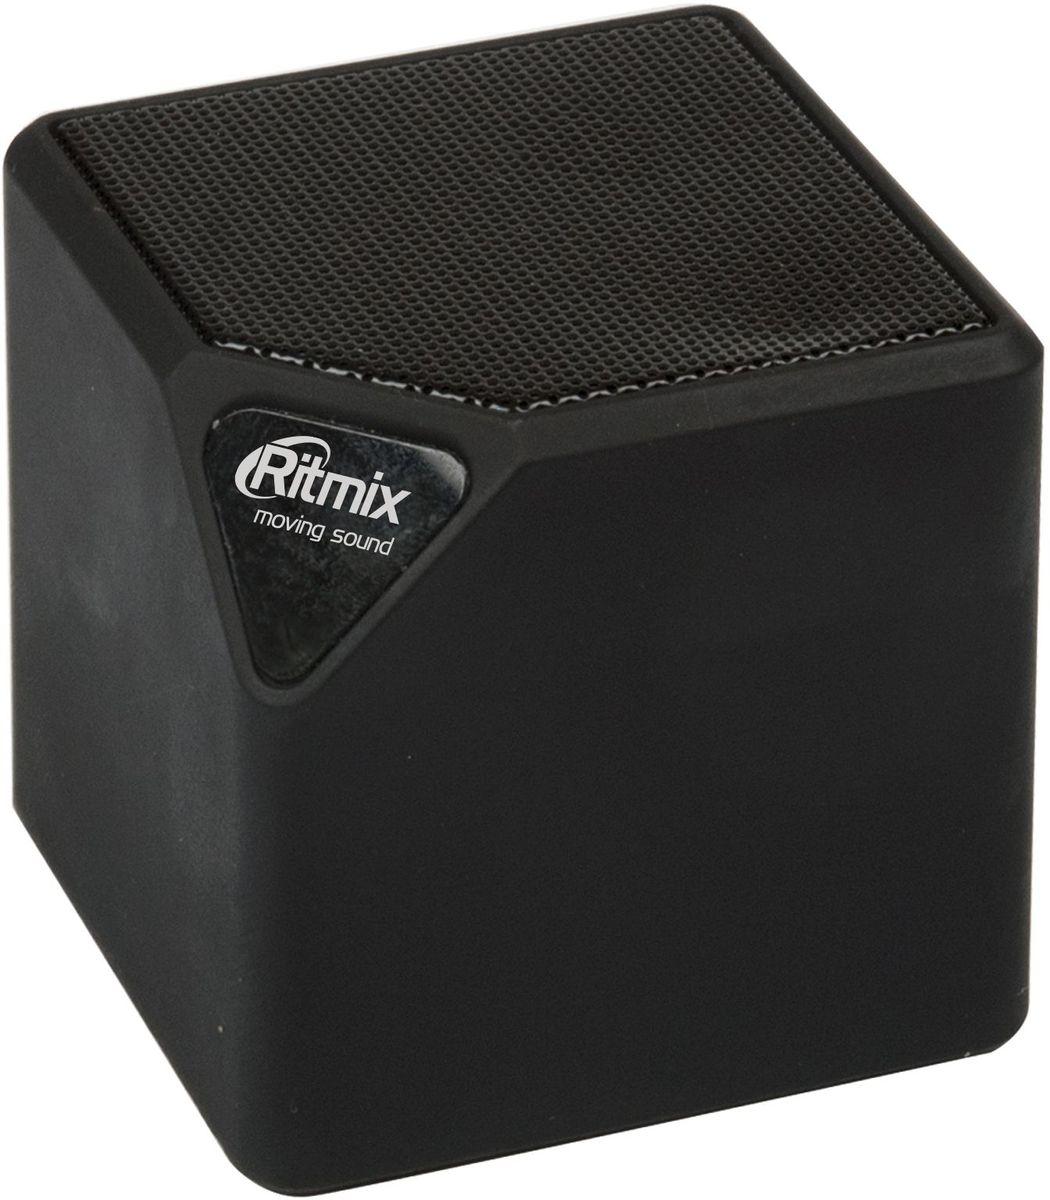 Ritmix SP-140B, Black портативная акустическая система15118766Портативная колонка Ritmix SP-140B позволит не расставаться с любимой музыкой, наслаждаясь ей даже без наушников. Компактный 40-миллиметровый динамик мощностью 3 Вт способен легко справиться с любым музыкальным жанром. Компактная акустическая мини-система не подведет и при просмотре фильмов с динамичными басами.Устройство оборудовано разъемом 3,5 мм (AUX) для подключения внешних источников аудиосигнала. Также Ritmix SP-140B может выполнять роль HandsFree-гарнитуры. Настройка громкости производится с помощью регулятора у основания колонки. Модель оснащена FM-тюнером, позволяющим прослушивать любимые радиостанции.